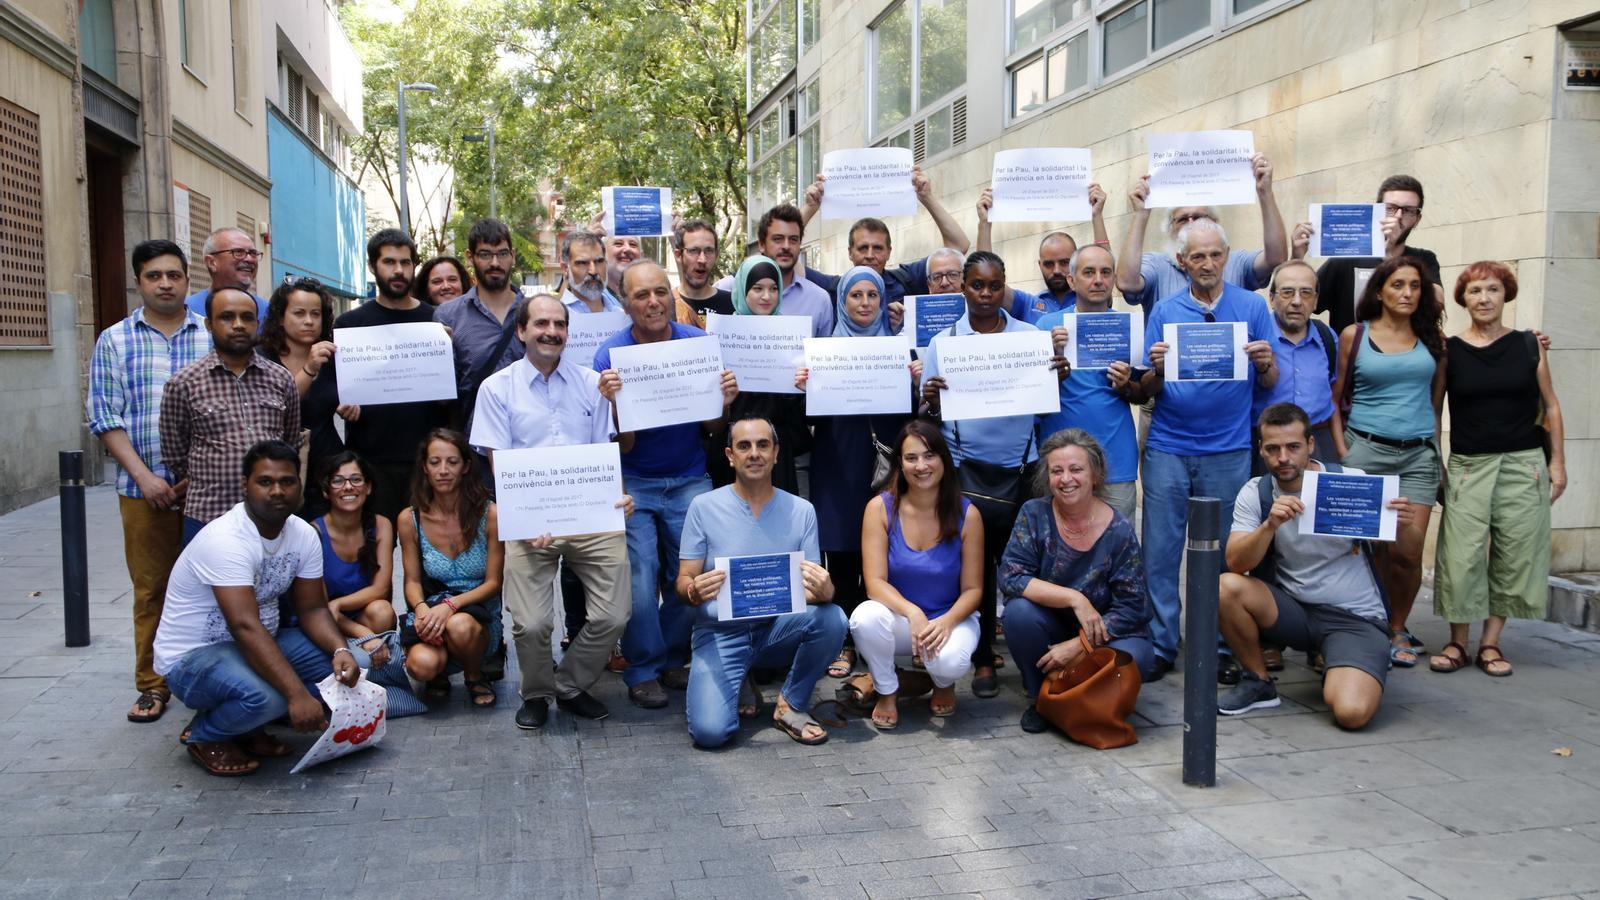 """170 entitats fan una crida a vestir de blau a la manifestació """"perquè es vegi la societat civil"""""""